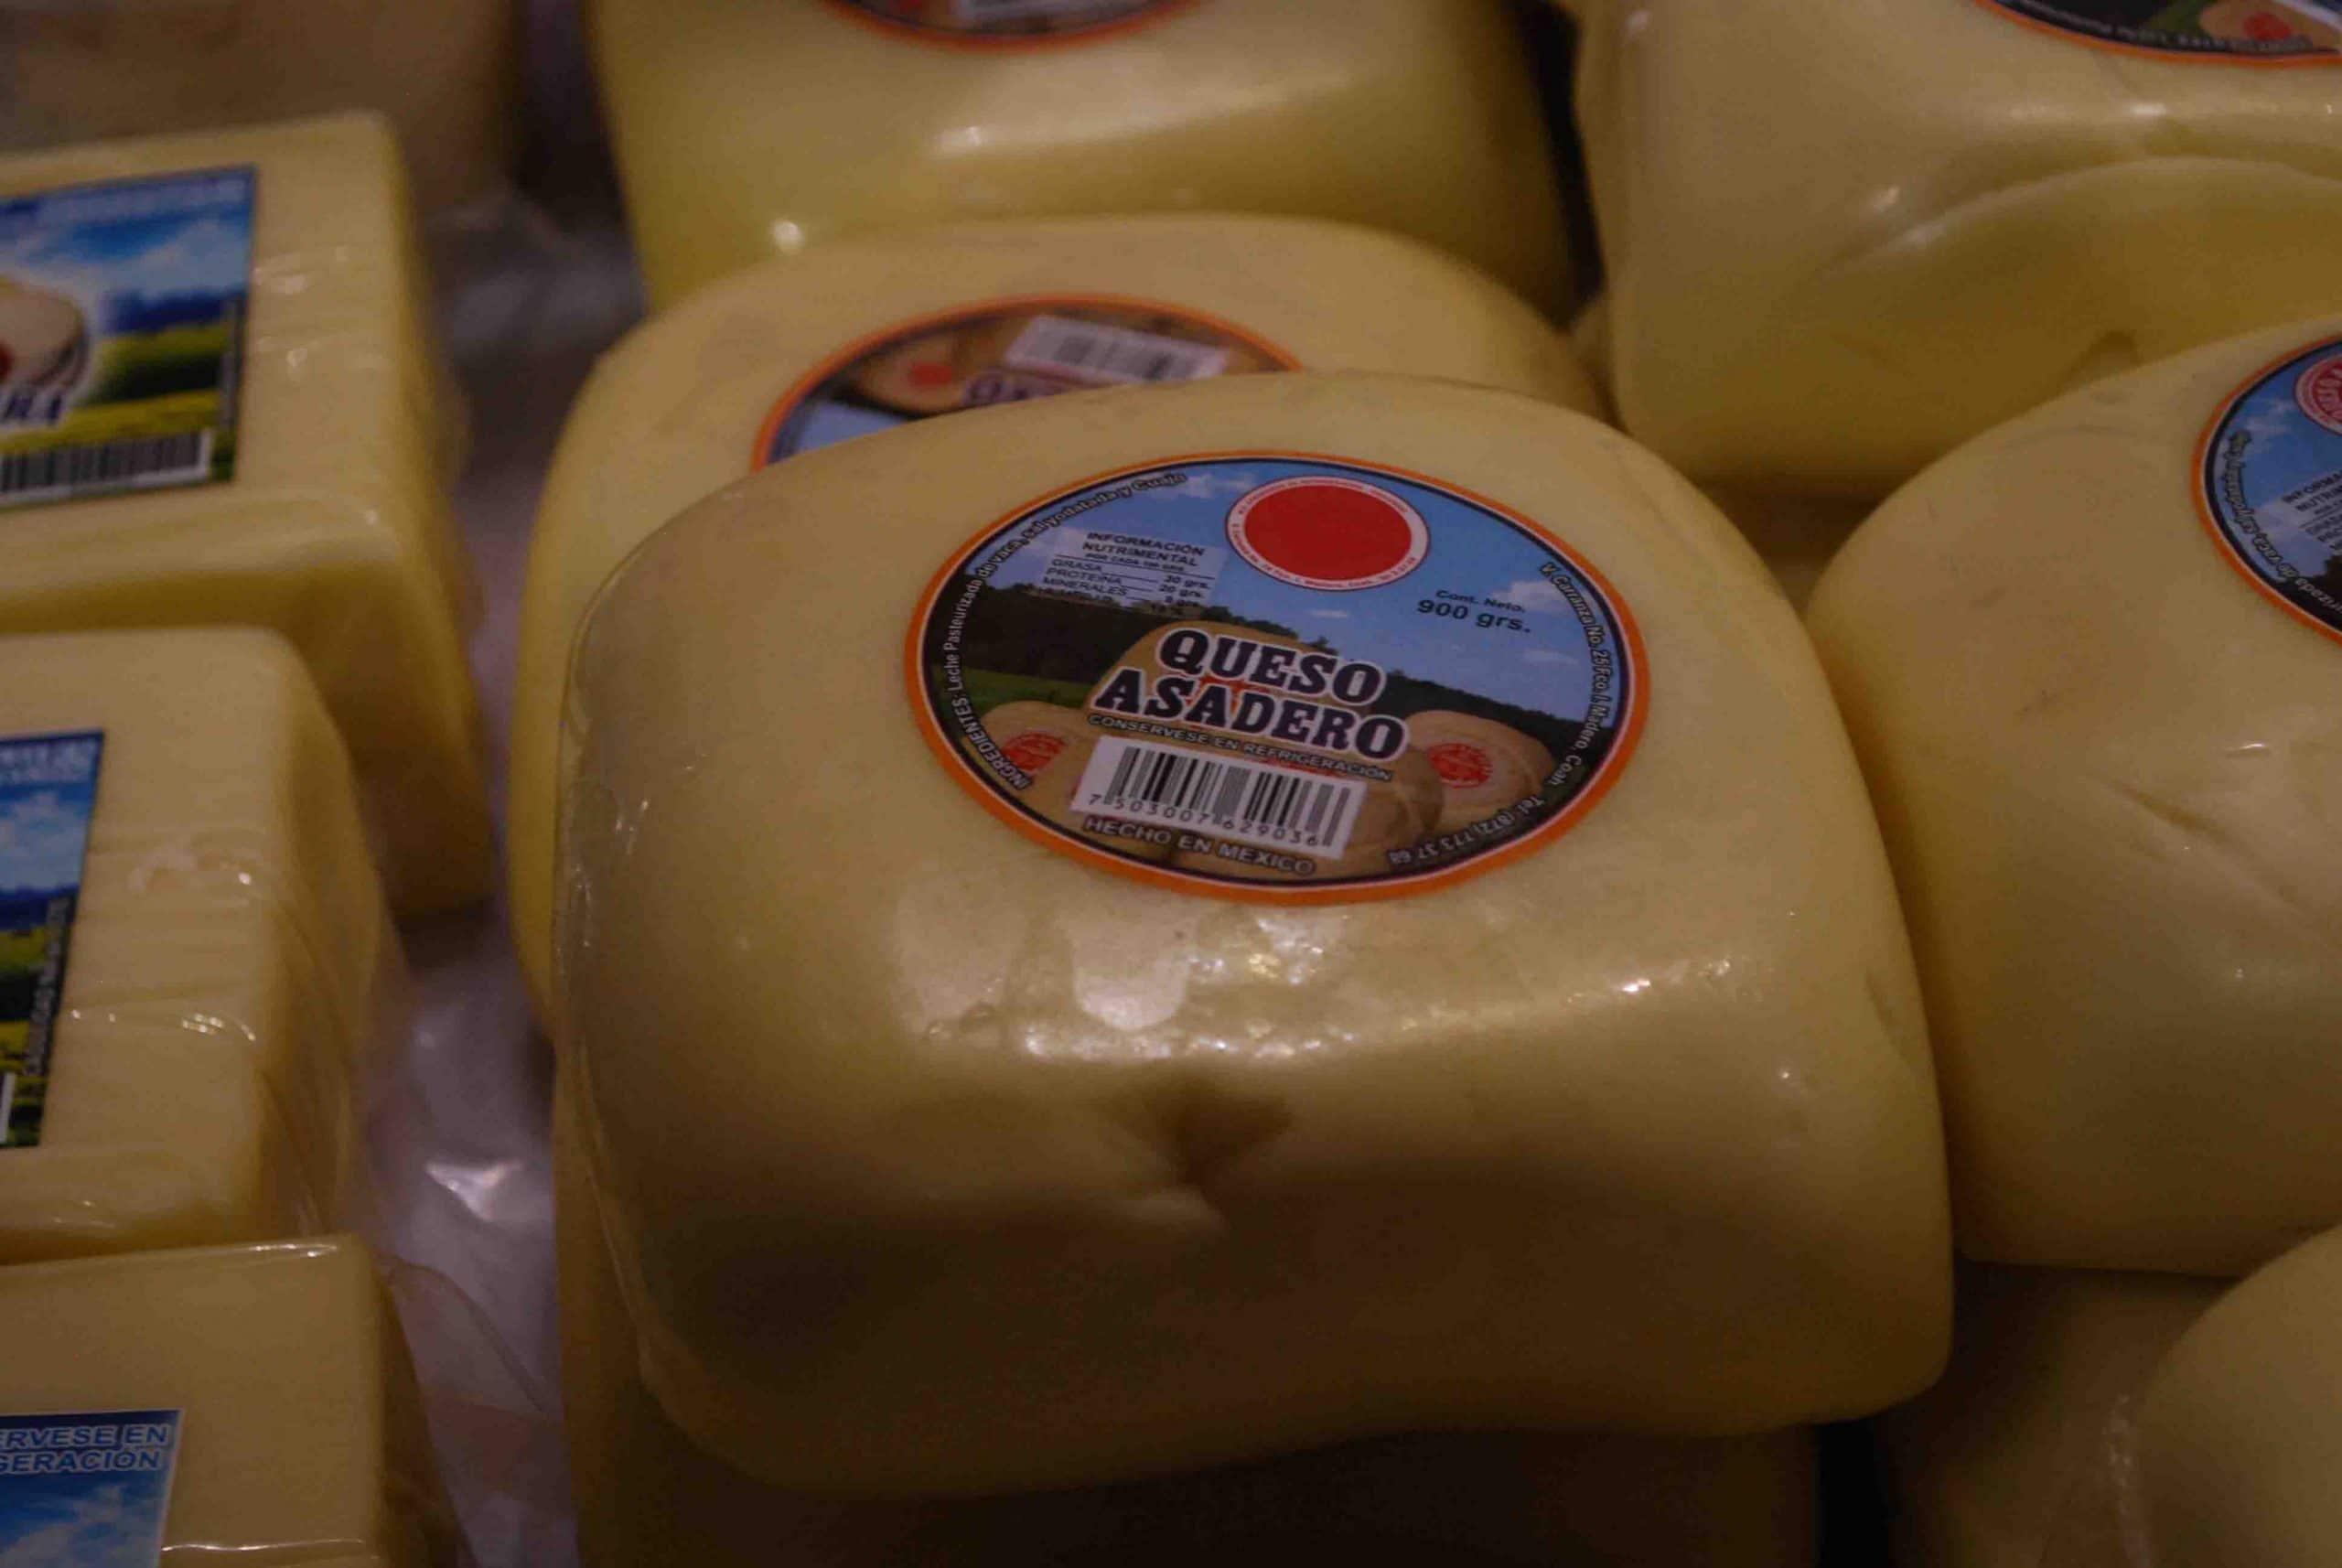 quesillo oaxaca, queso oaxaca recipe